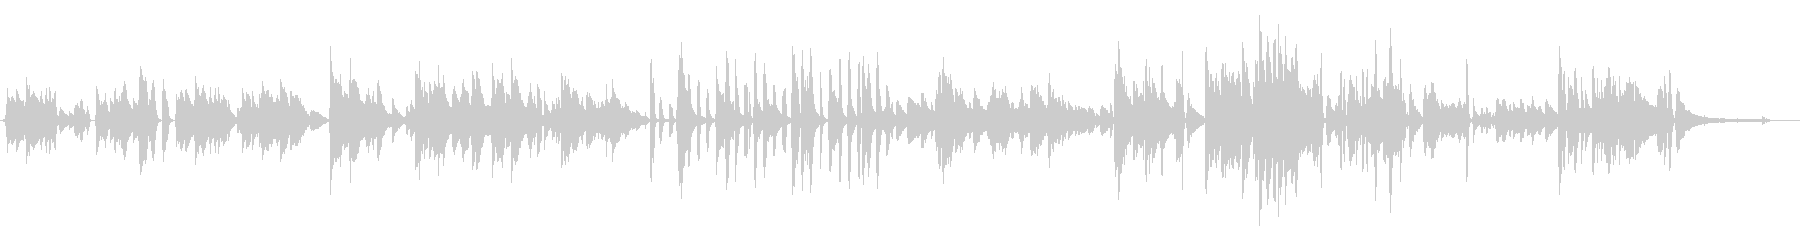 エンディングに合う優しいピアノ曲の未再生の波形